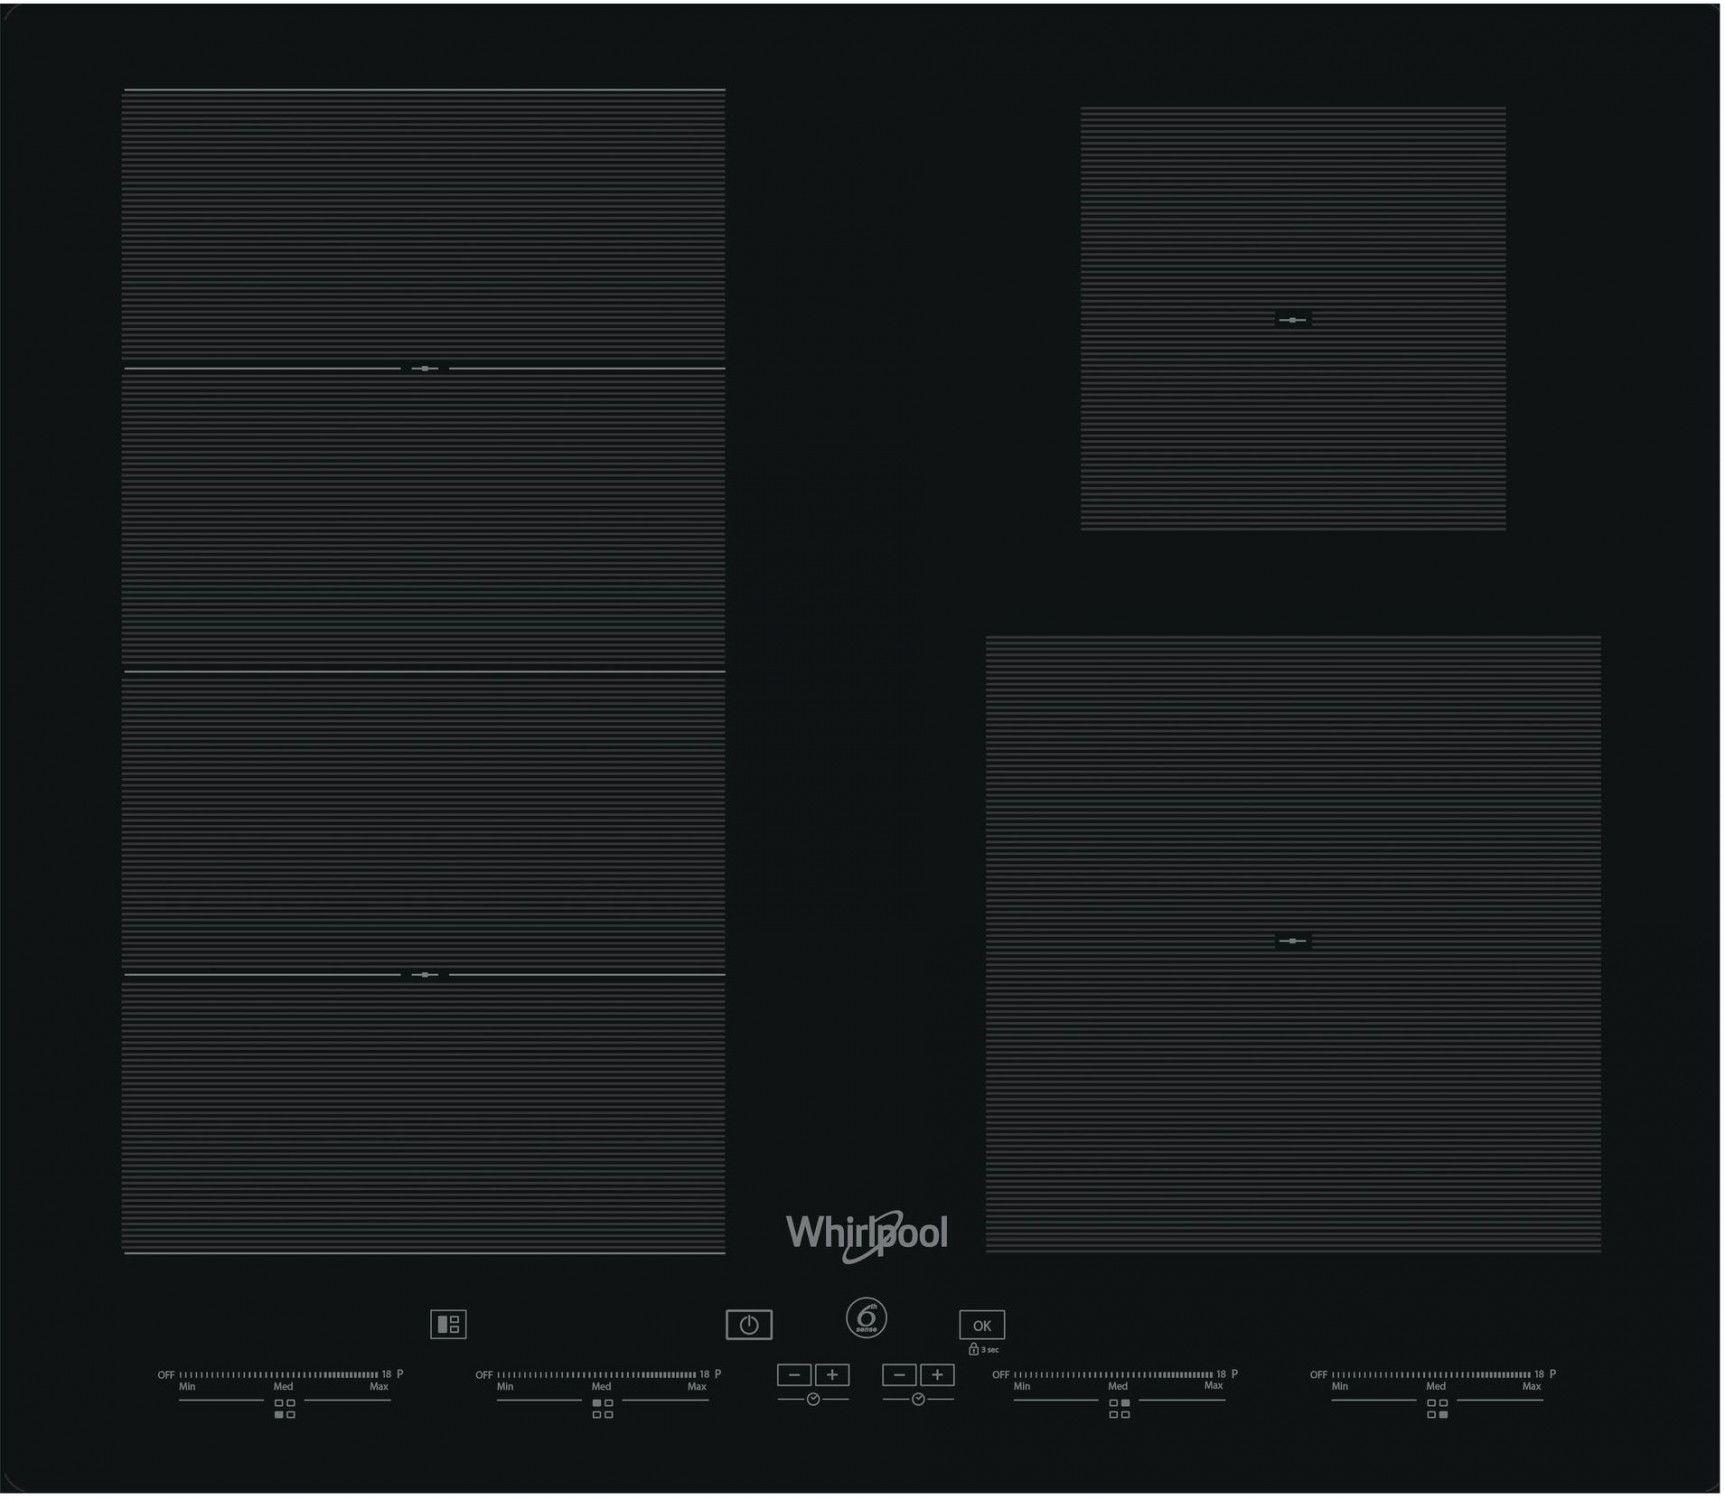 Płyta Whirlpool SMC504FNE + skórzany Portfel lub karta EMPIK ! I tel. (22) 266 82 20 I Raty 0 % I kto pyta płaci mniej I Płatności online !